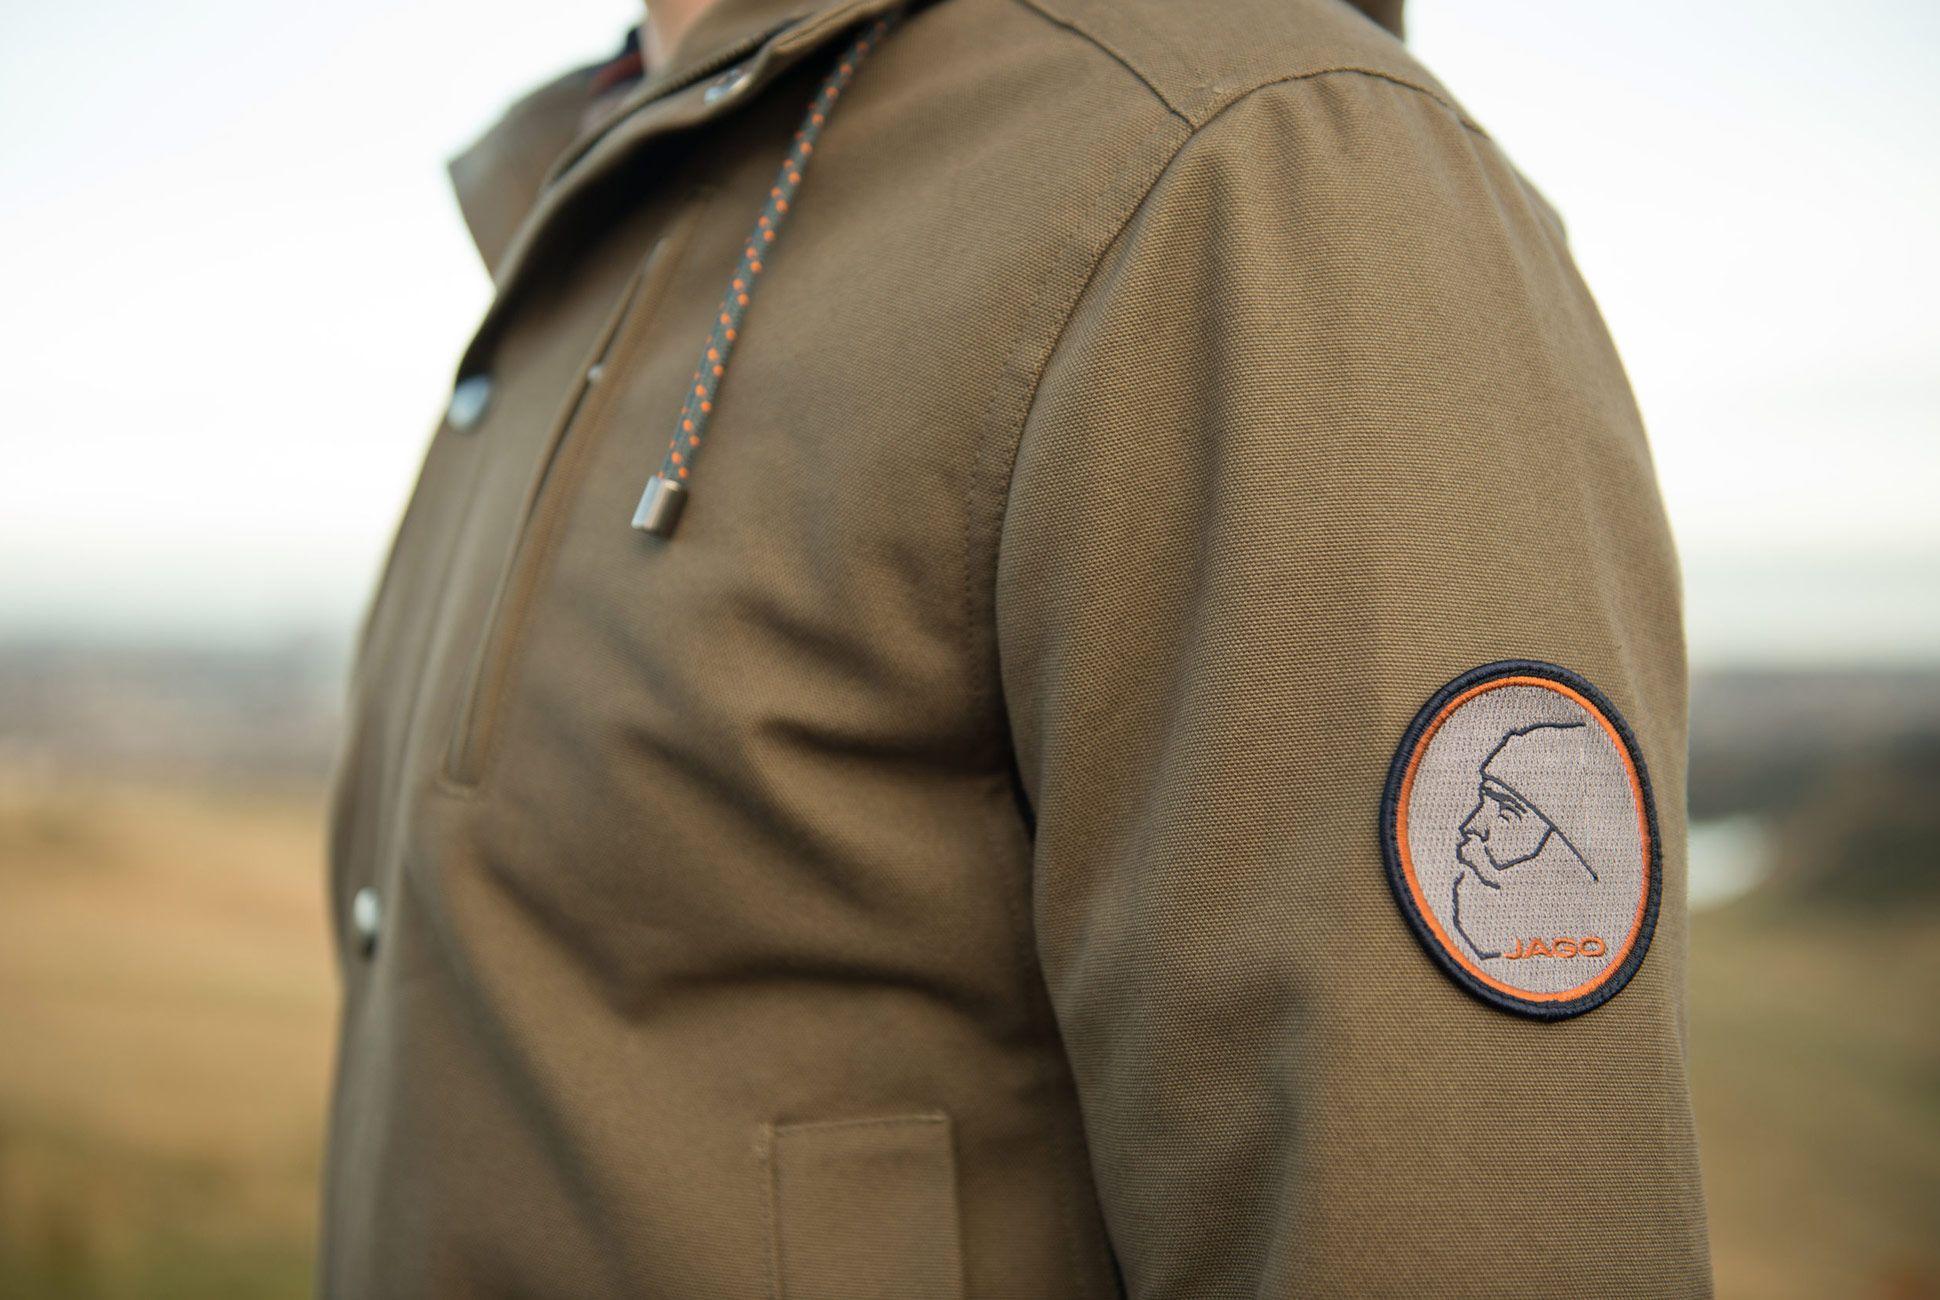 Jago-Jacket-Gear-Patrol-SLide-4